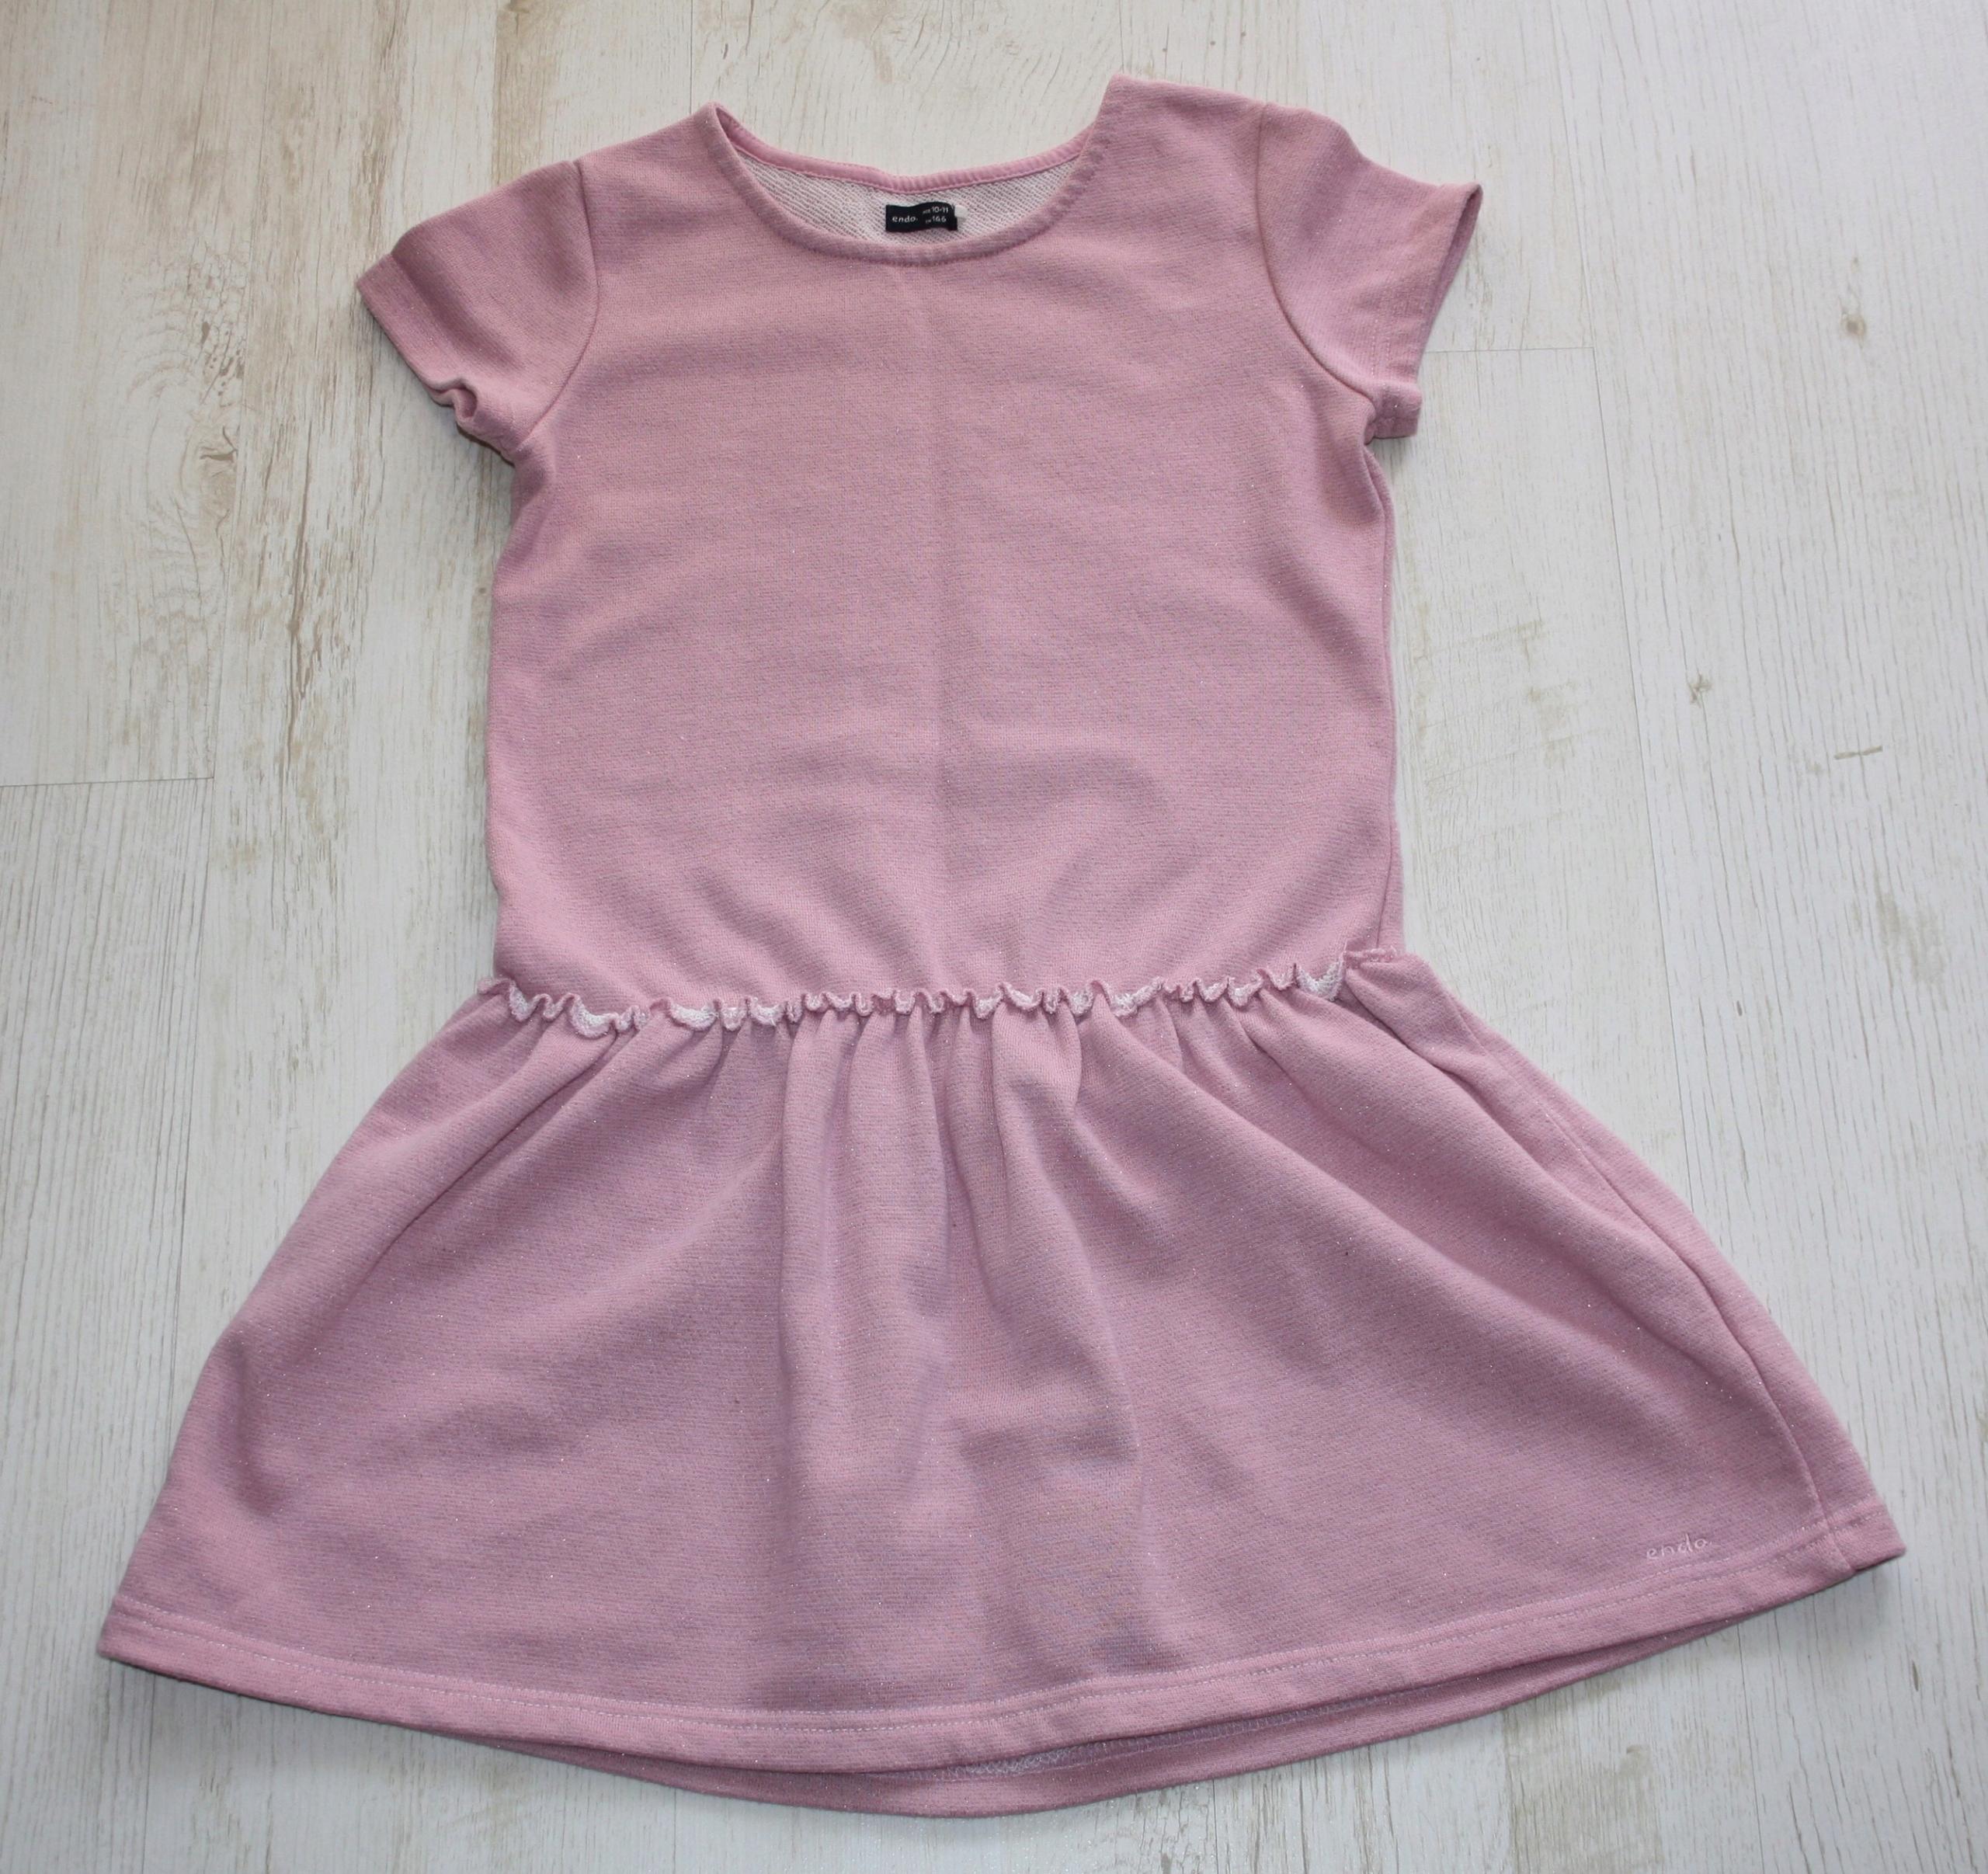 8703a8aadc Sukienka ENDO ze srebrną nitką r. 146 - 7546913428 - oficjalne ...